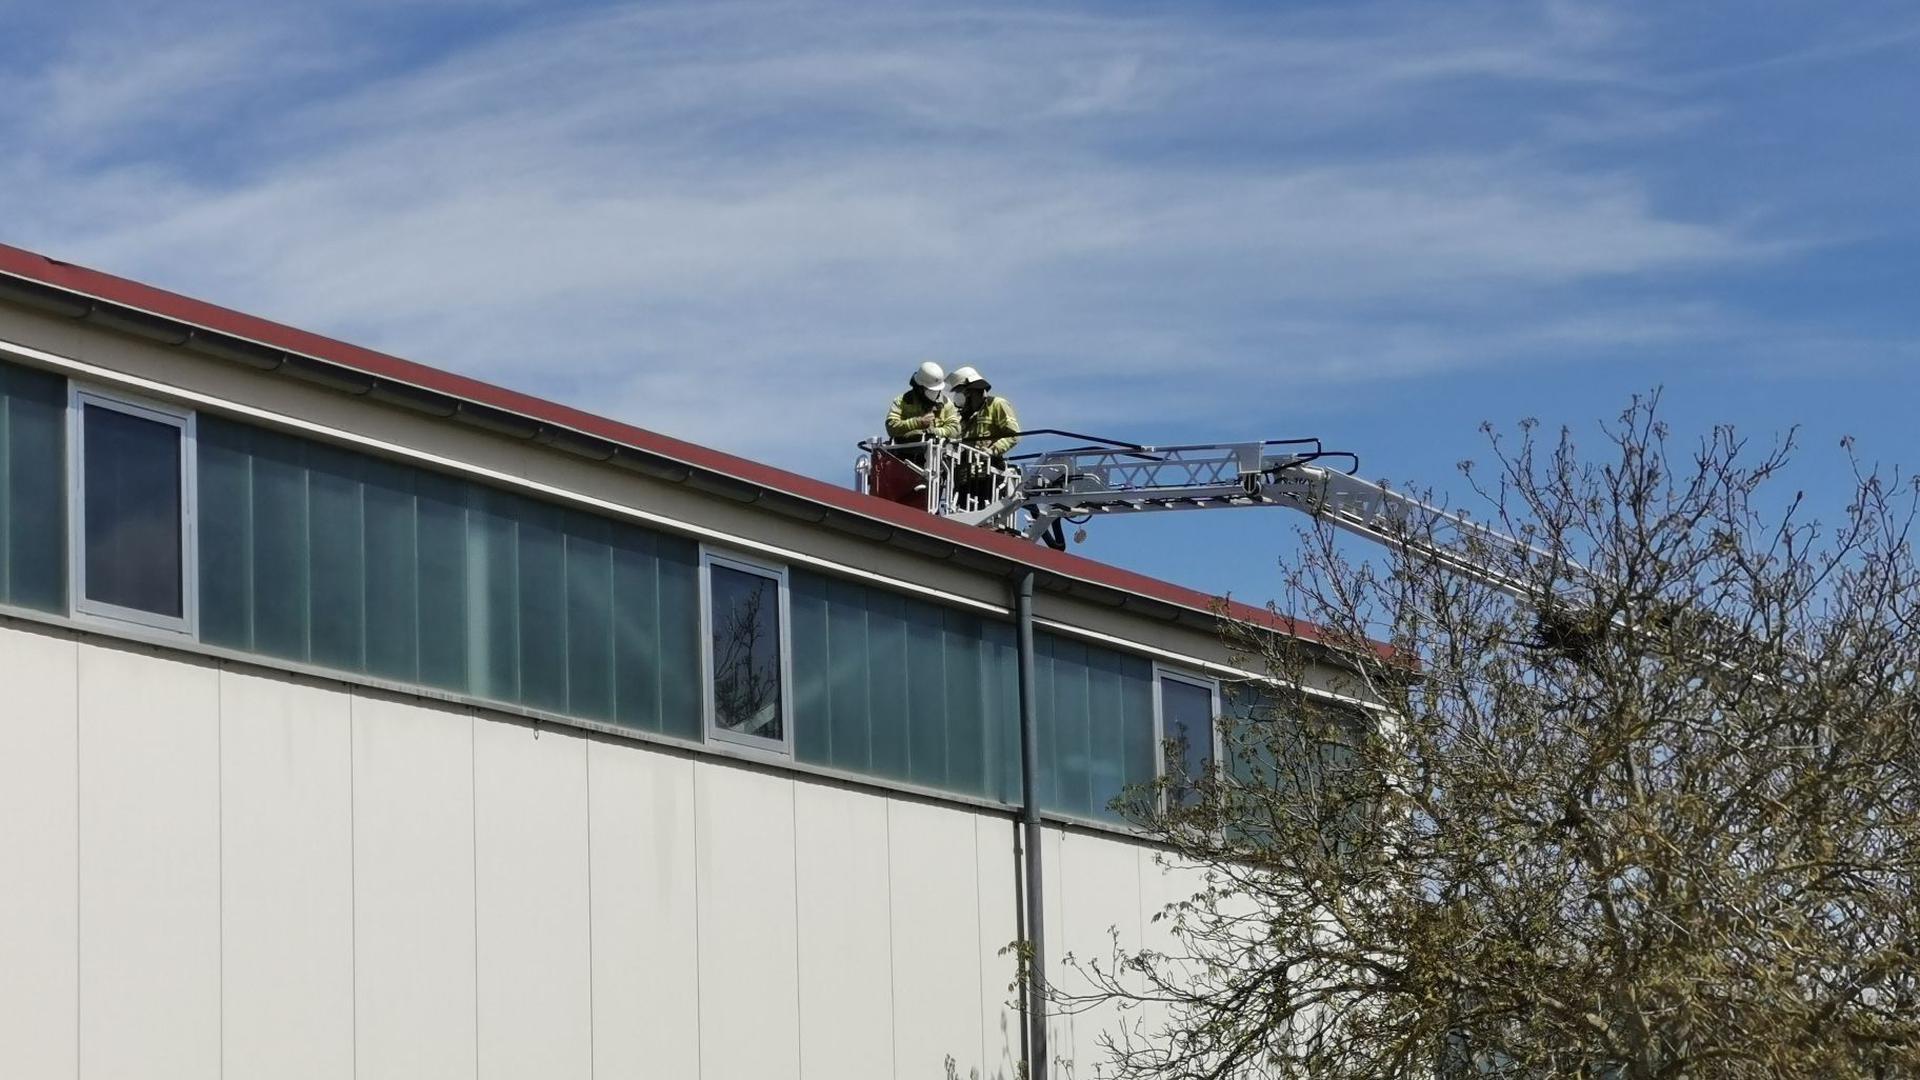 Zwei Feuerwehrleute werden mithilfe einer Drehleiter auf das Dach einer Lagerhalle gehoben.